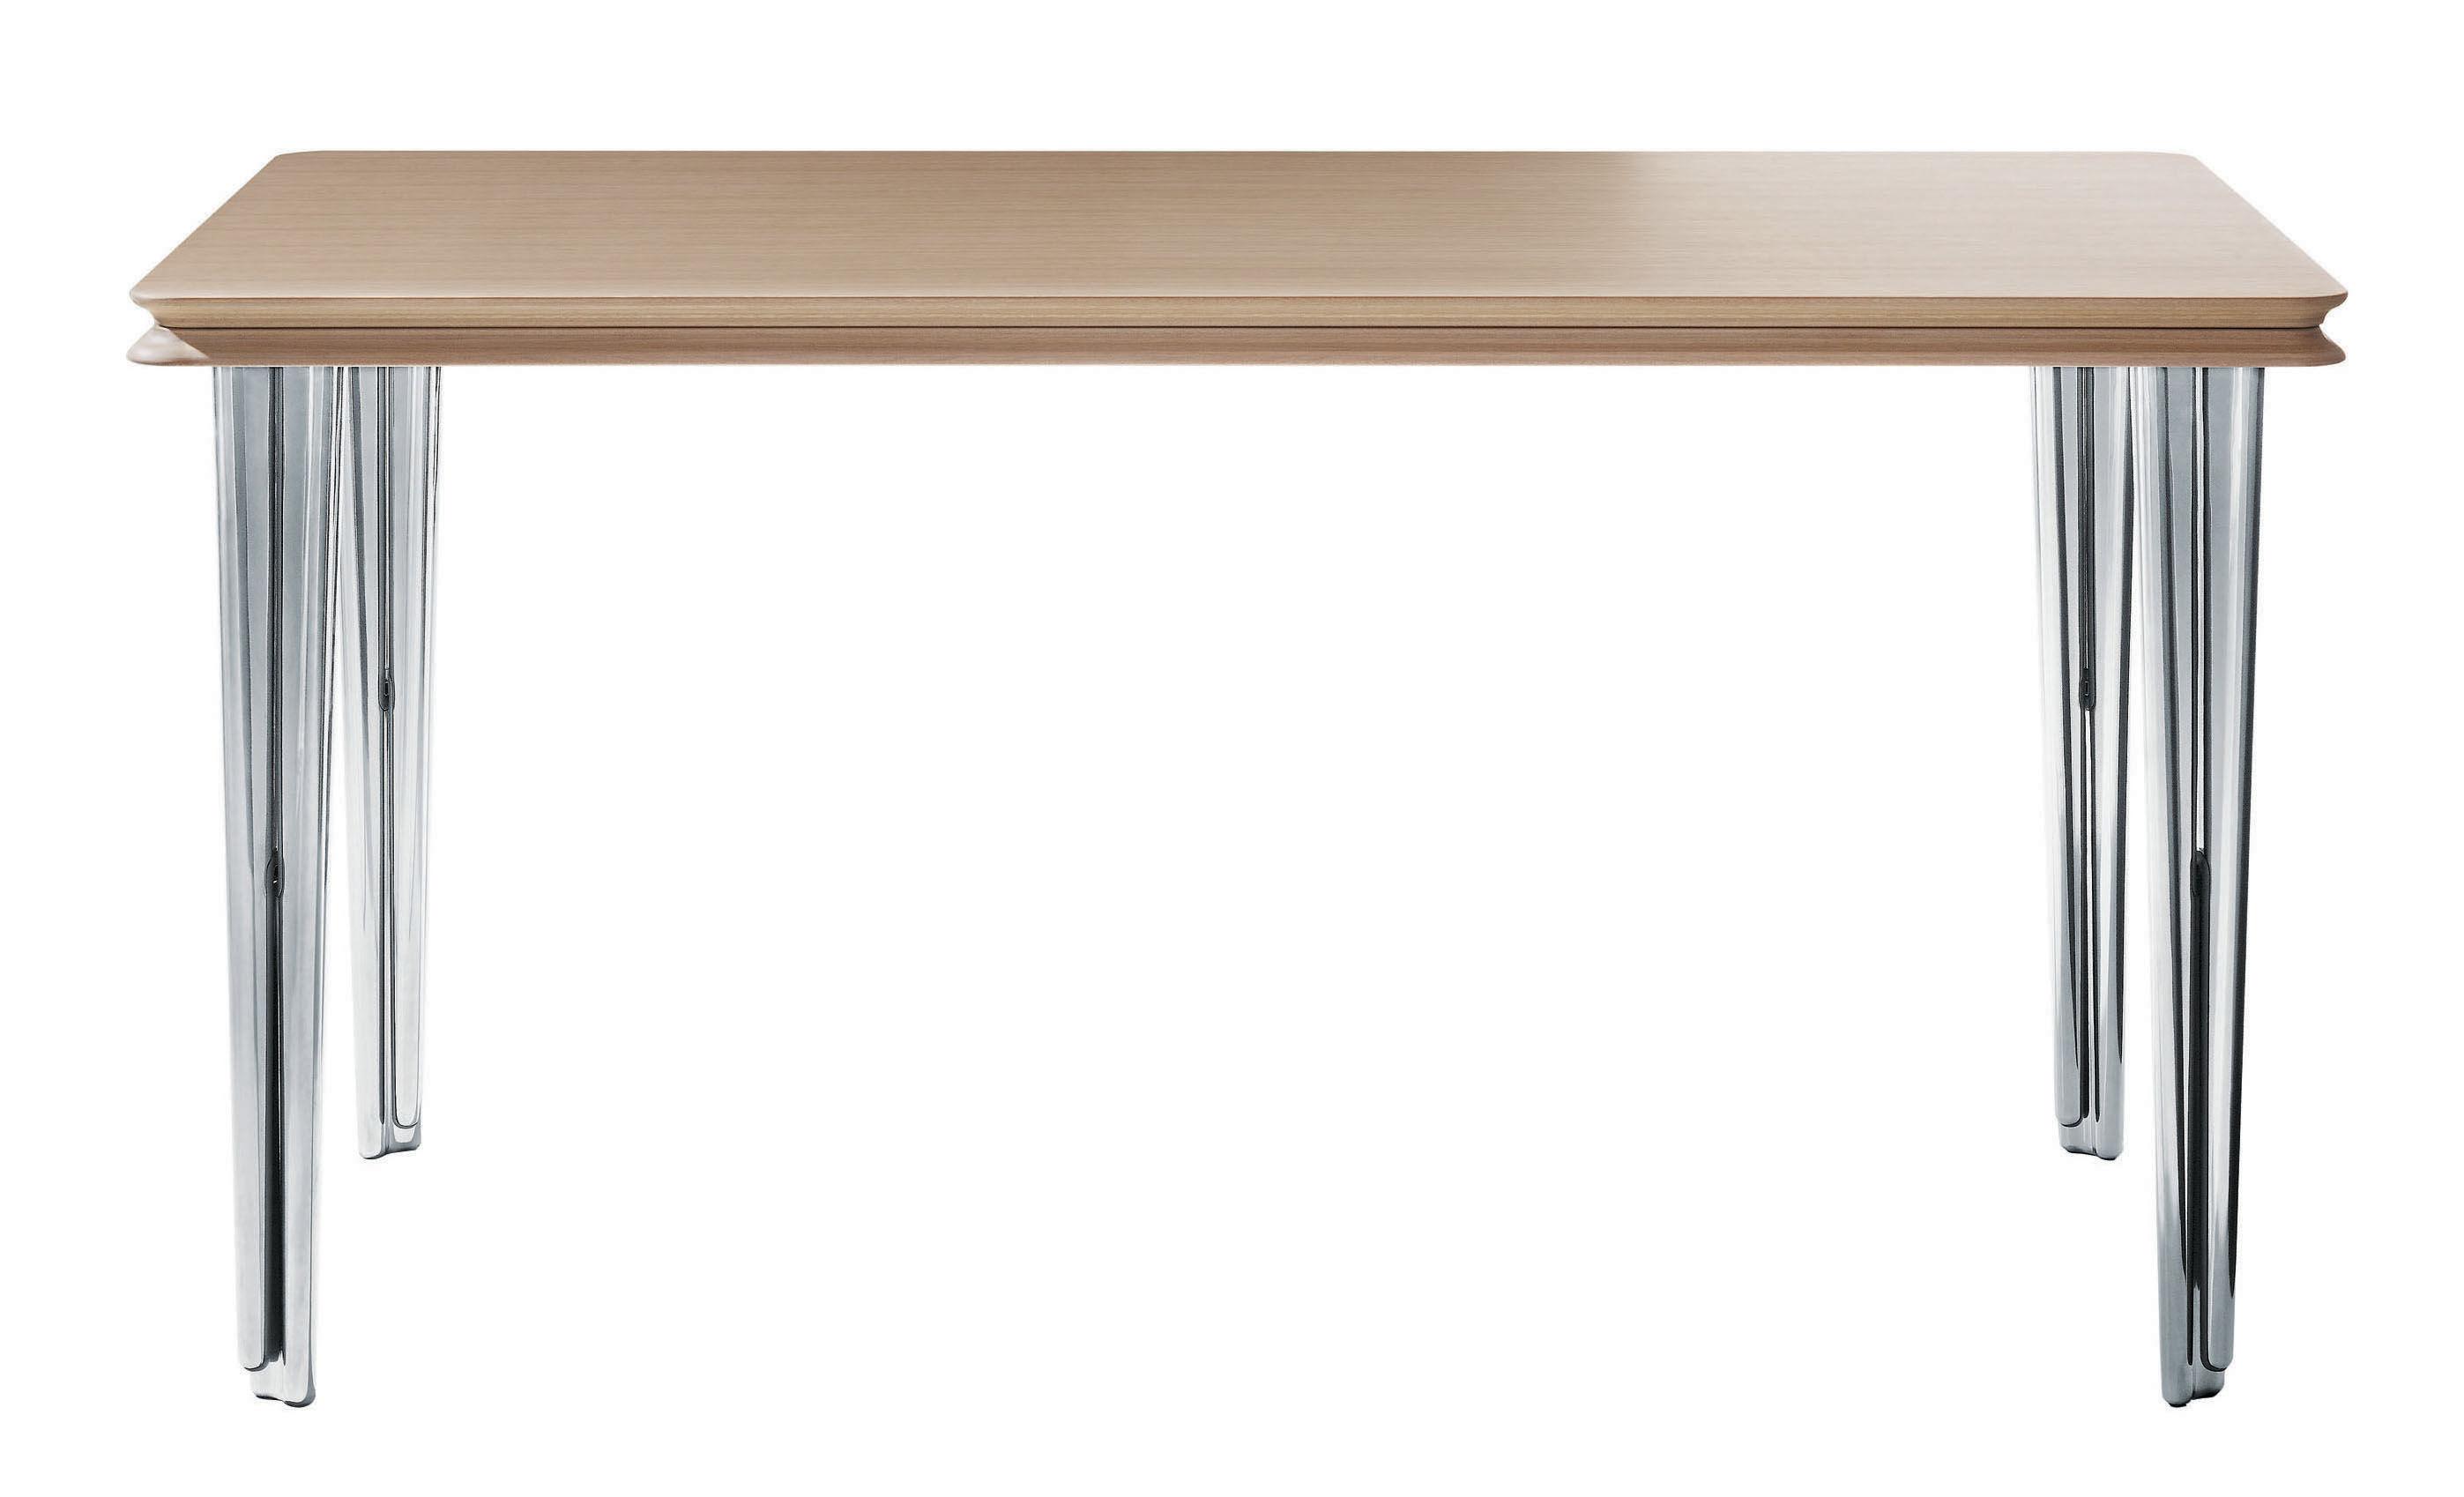 Arredamento - Mobili Ados  - Tavolo con prolunga Piggyback - Set di 2 tavoli impilabili di Magis - Piano rovere / piedi alluminio lucido - Ghisa di alluminio lucidato, Rovere